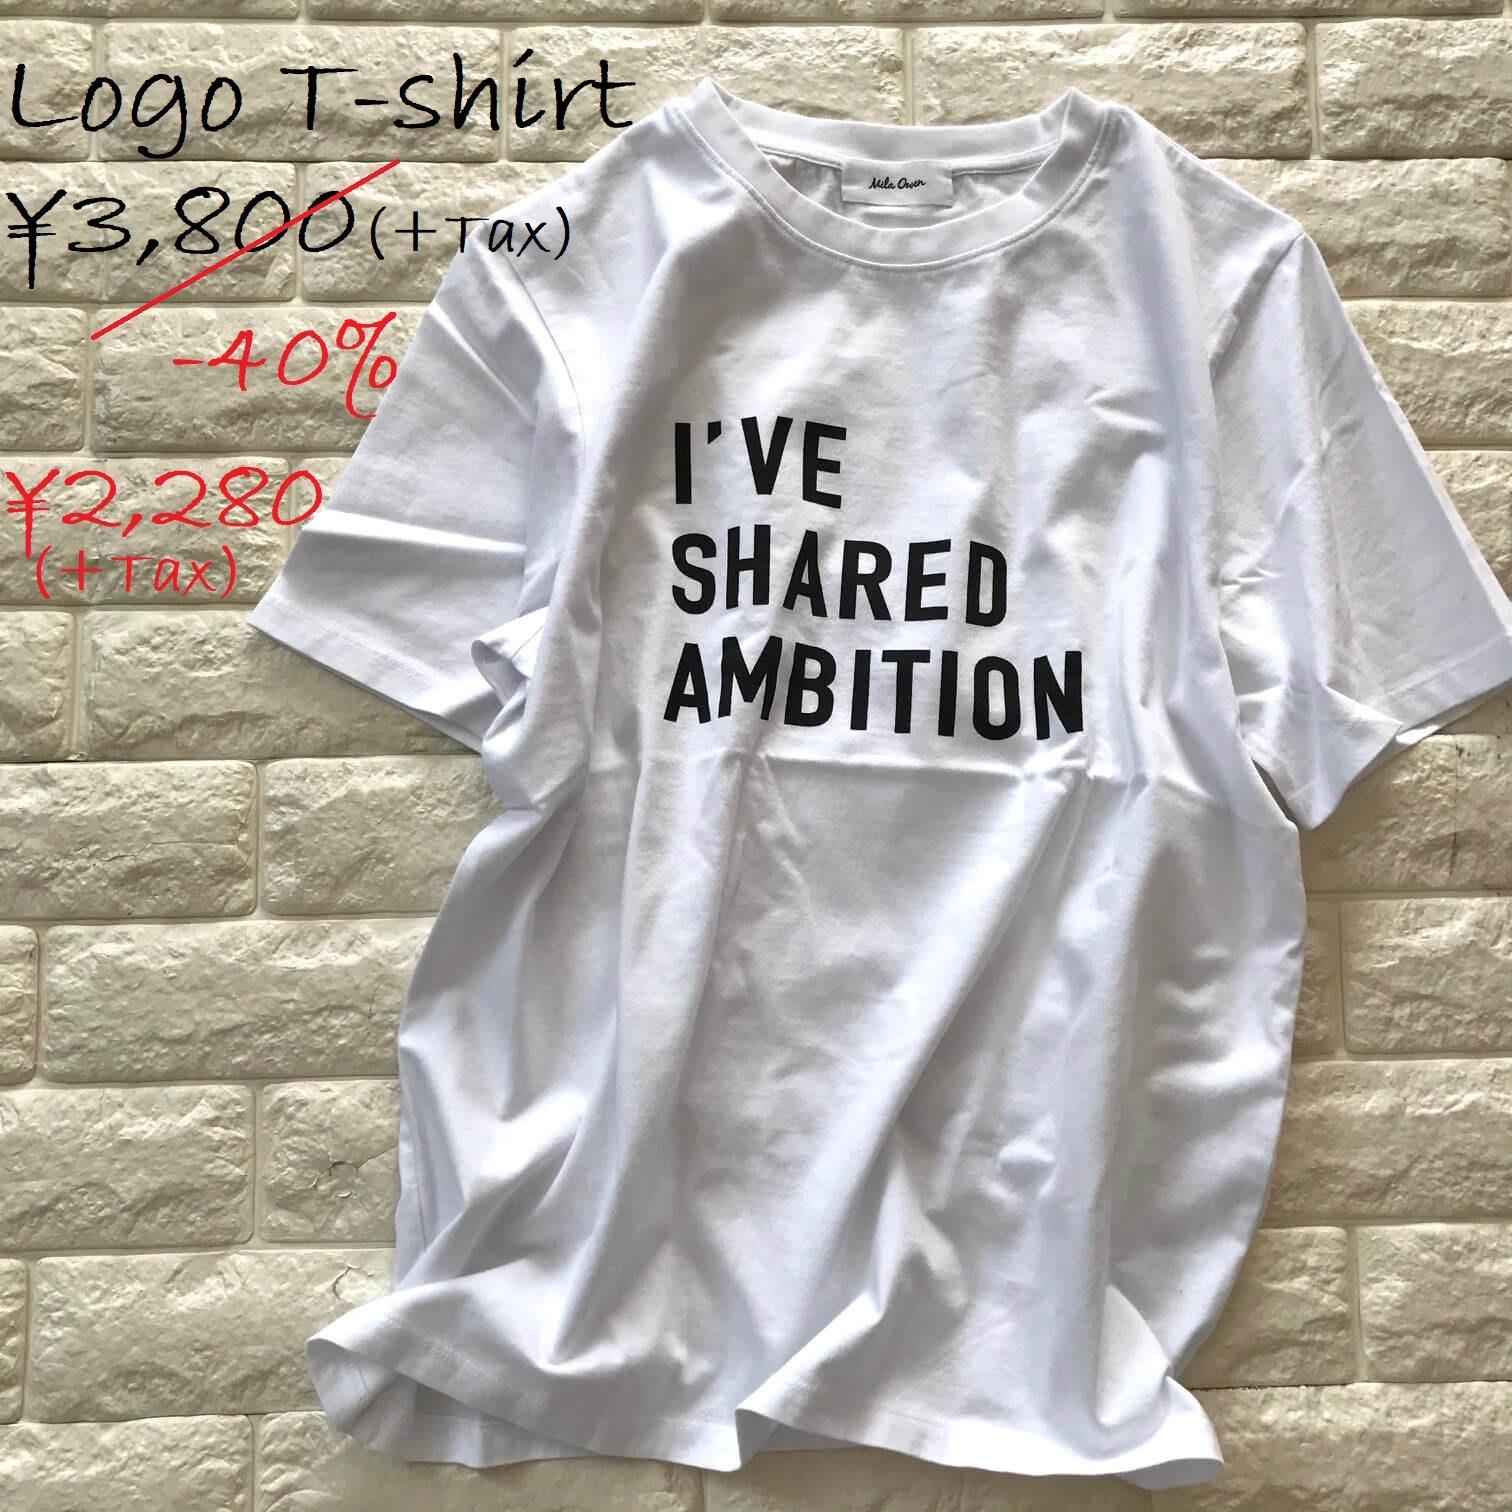 ミラオーウェンのTシャツ画像